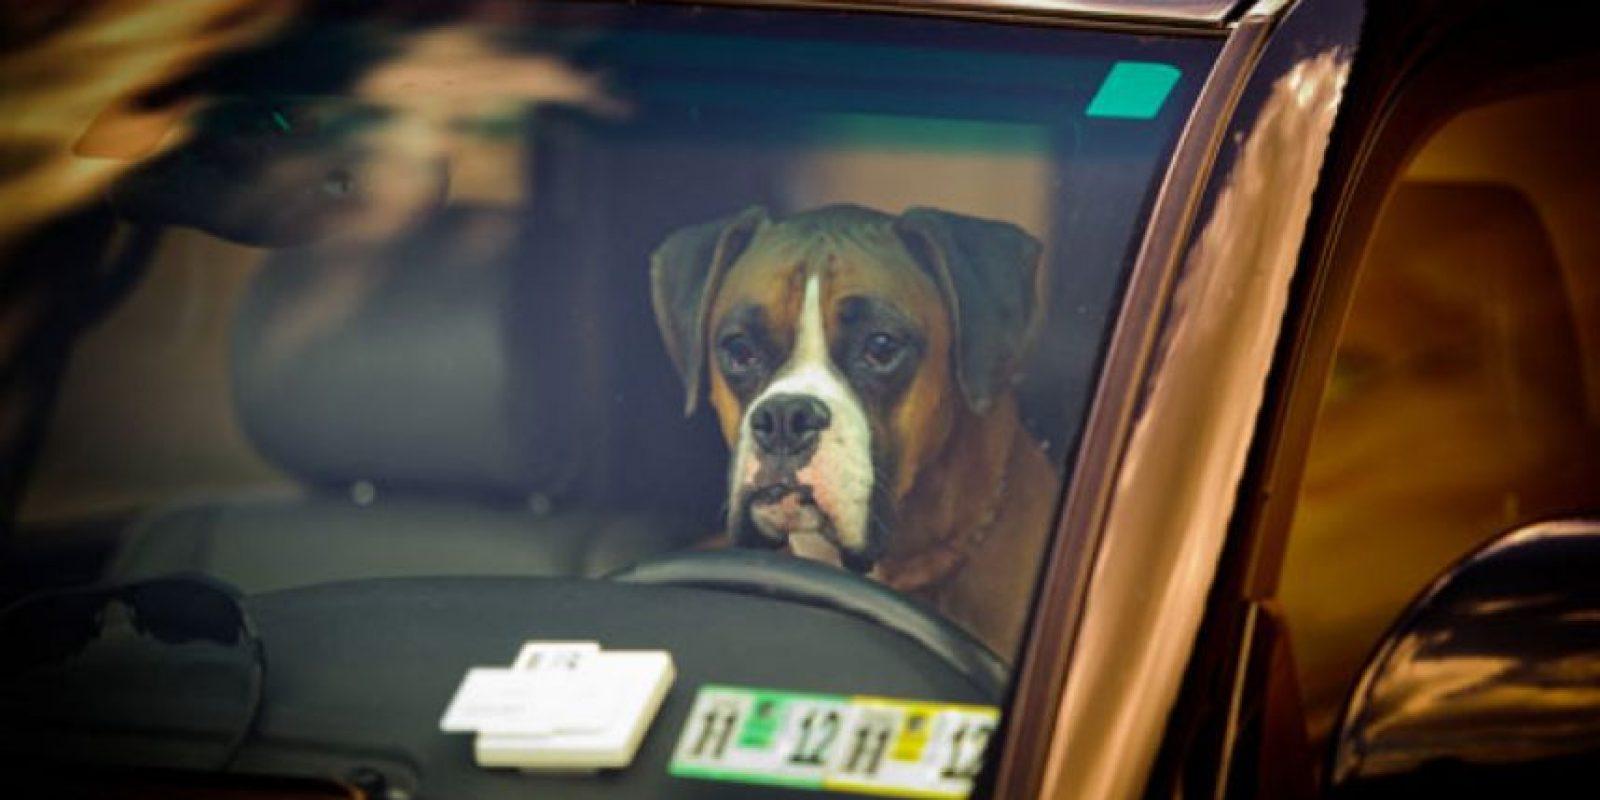 Si ustedes van a dejar a su perro, abran las ventanas. Foto:vía Getty Images